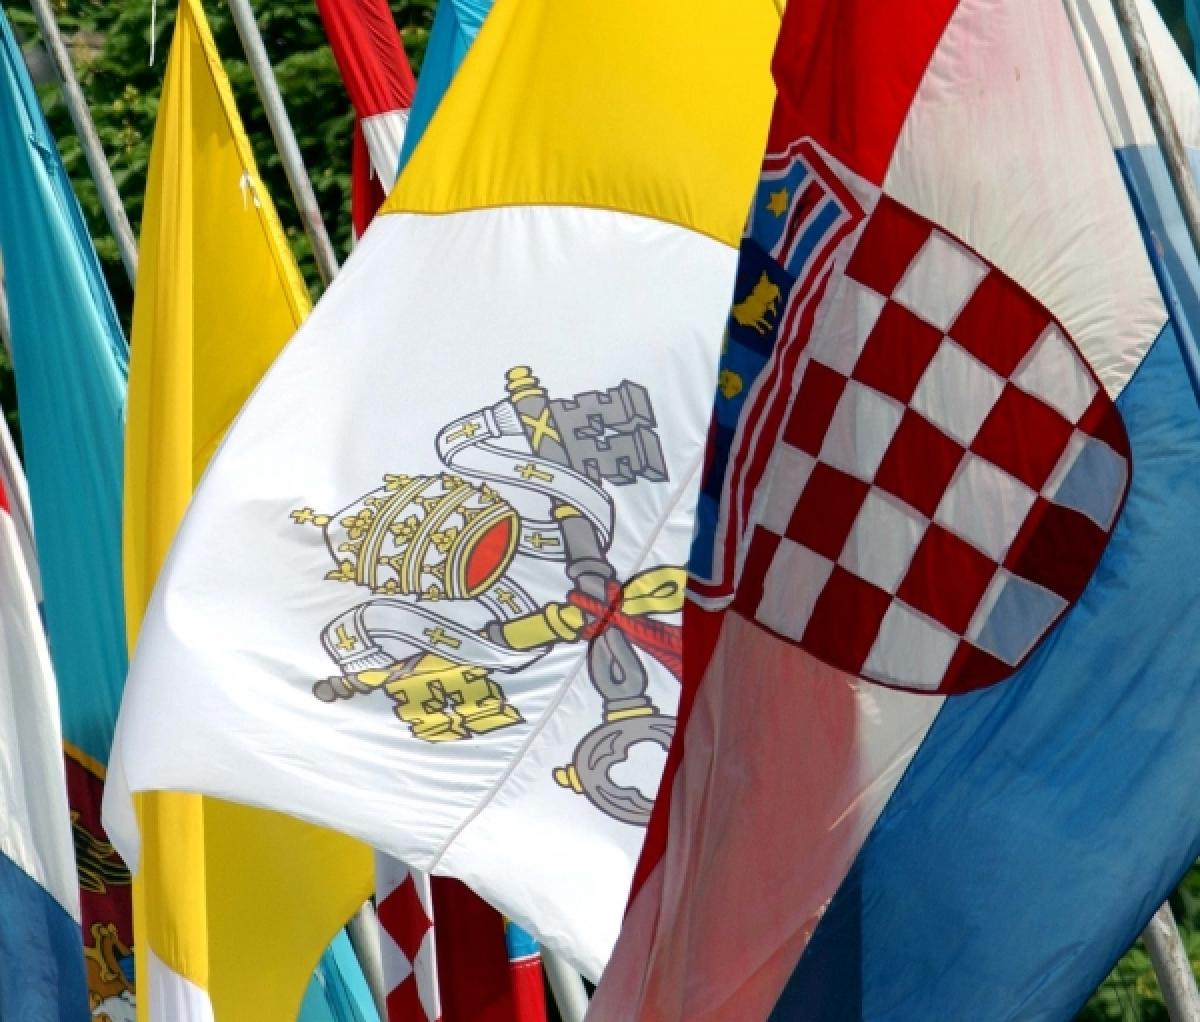 Vatikanski ugovori nisu ustavni